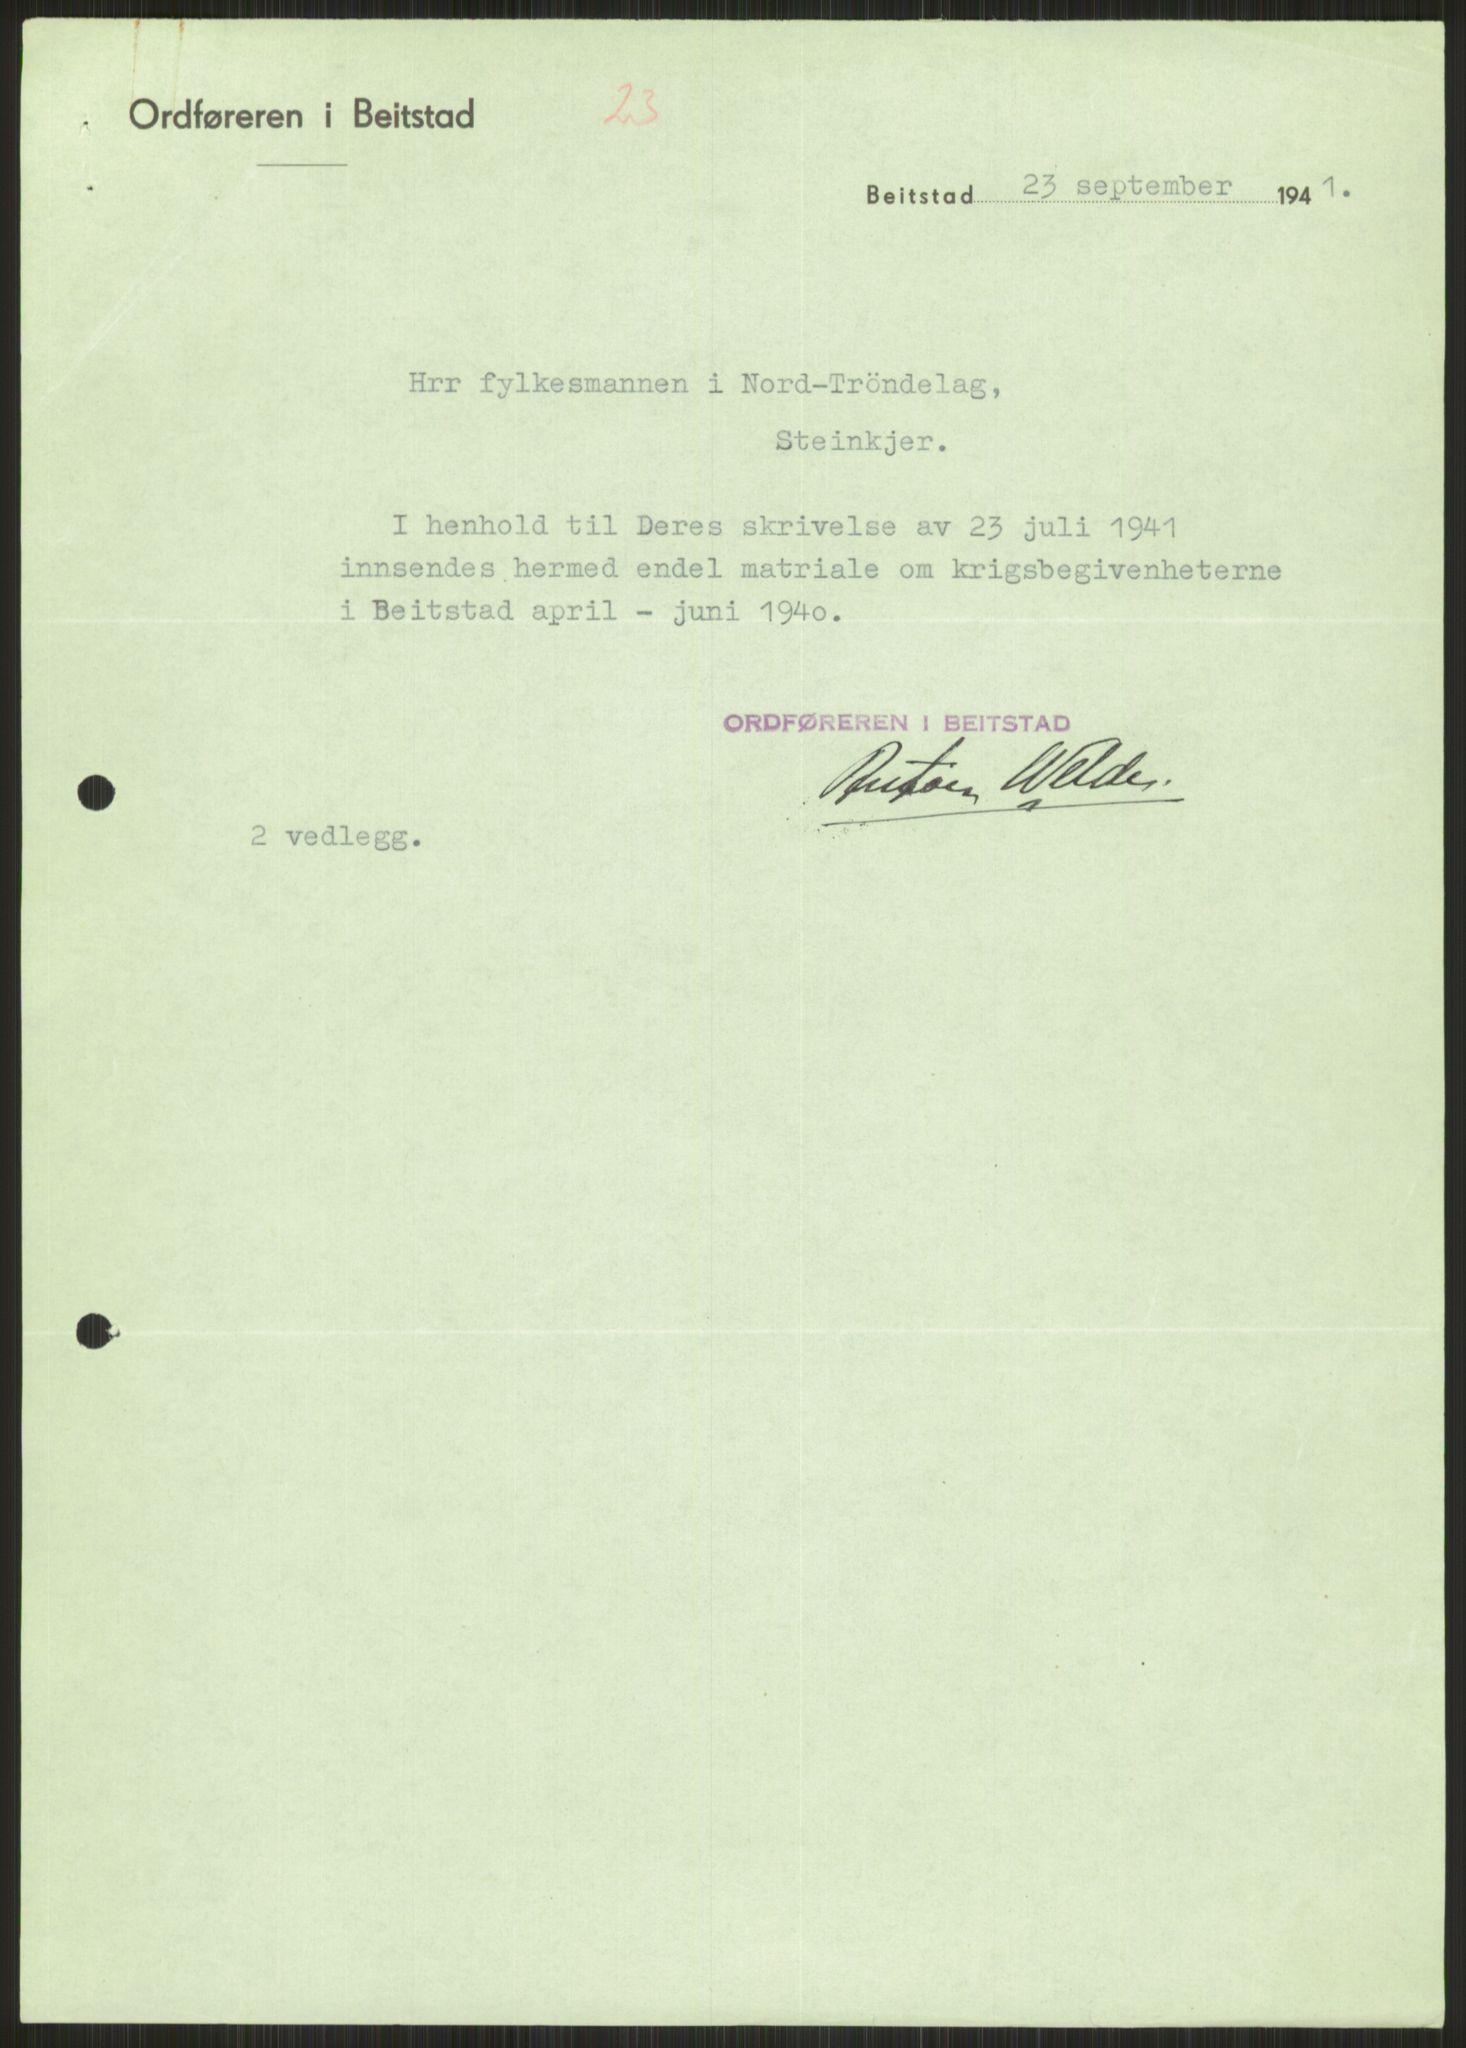 RA, Forsvaret, Forsvarets krigshistoriske avdeling, Y/Ya/L0016: II-C-11-31 - Fylkesmenn.  Rapporter om krigsbegivenhetene 1940., 1940, s. 450